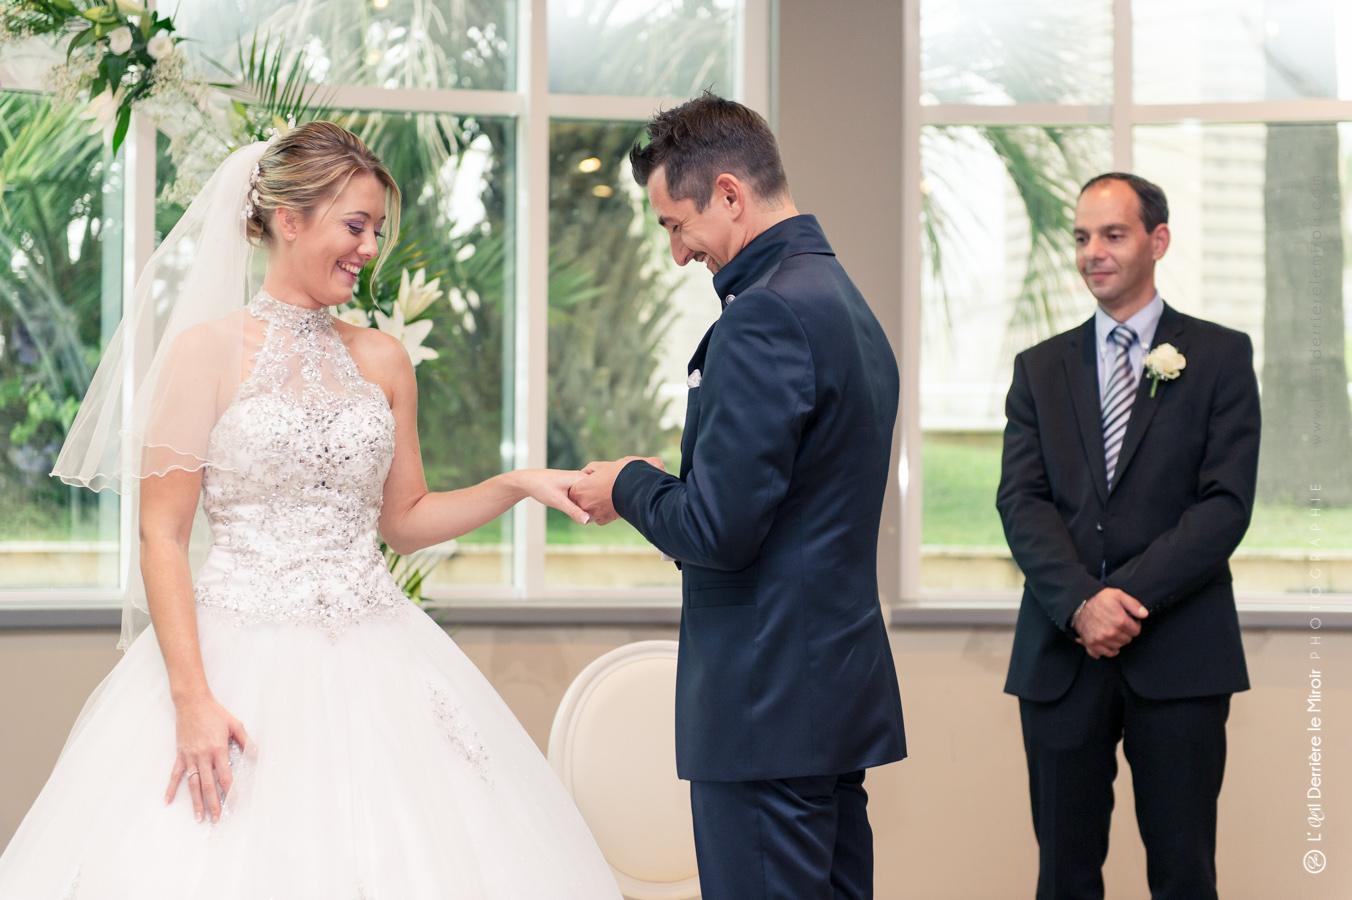 Photographe-mariage-monaco-loeilderrierelemiroir-054